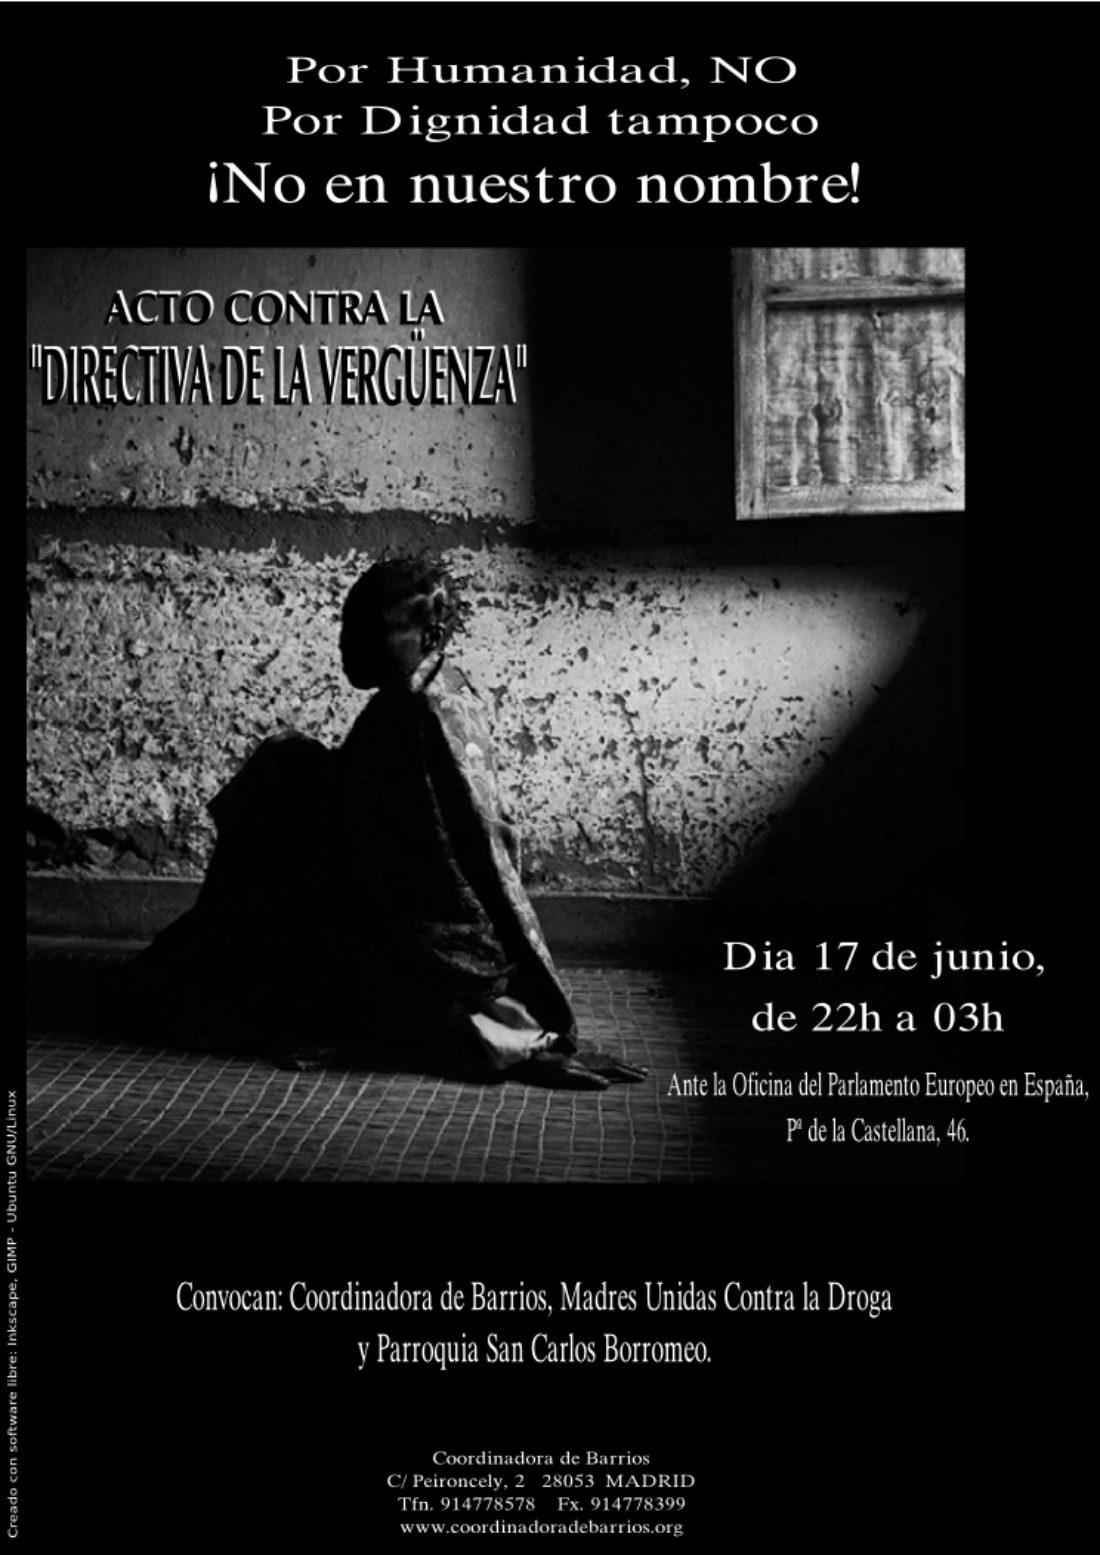 Madrid: contra la «Directiva de la Vergüenza». Martes 17 de Junio de 22h. a 03h.